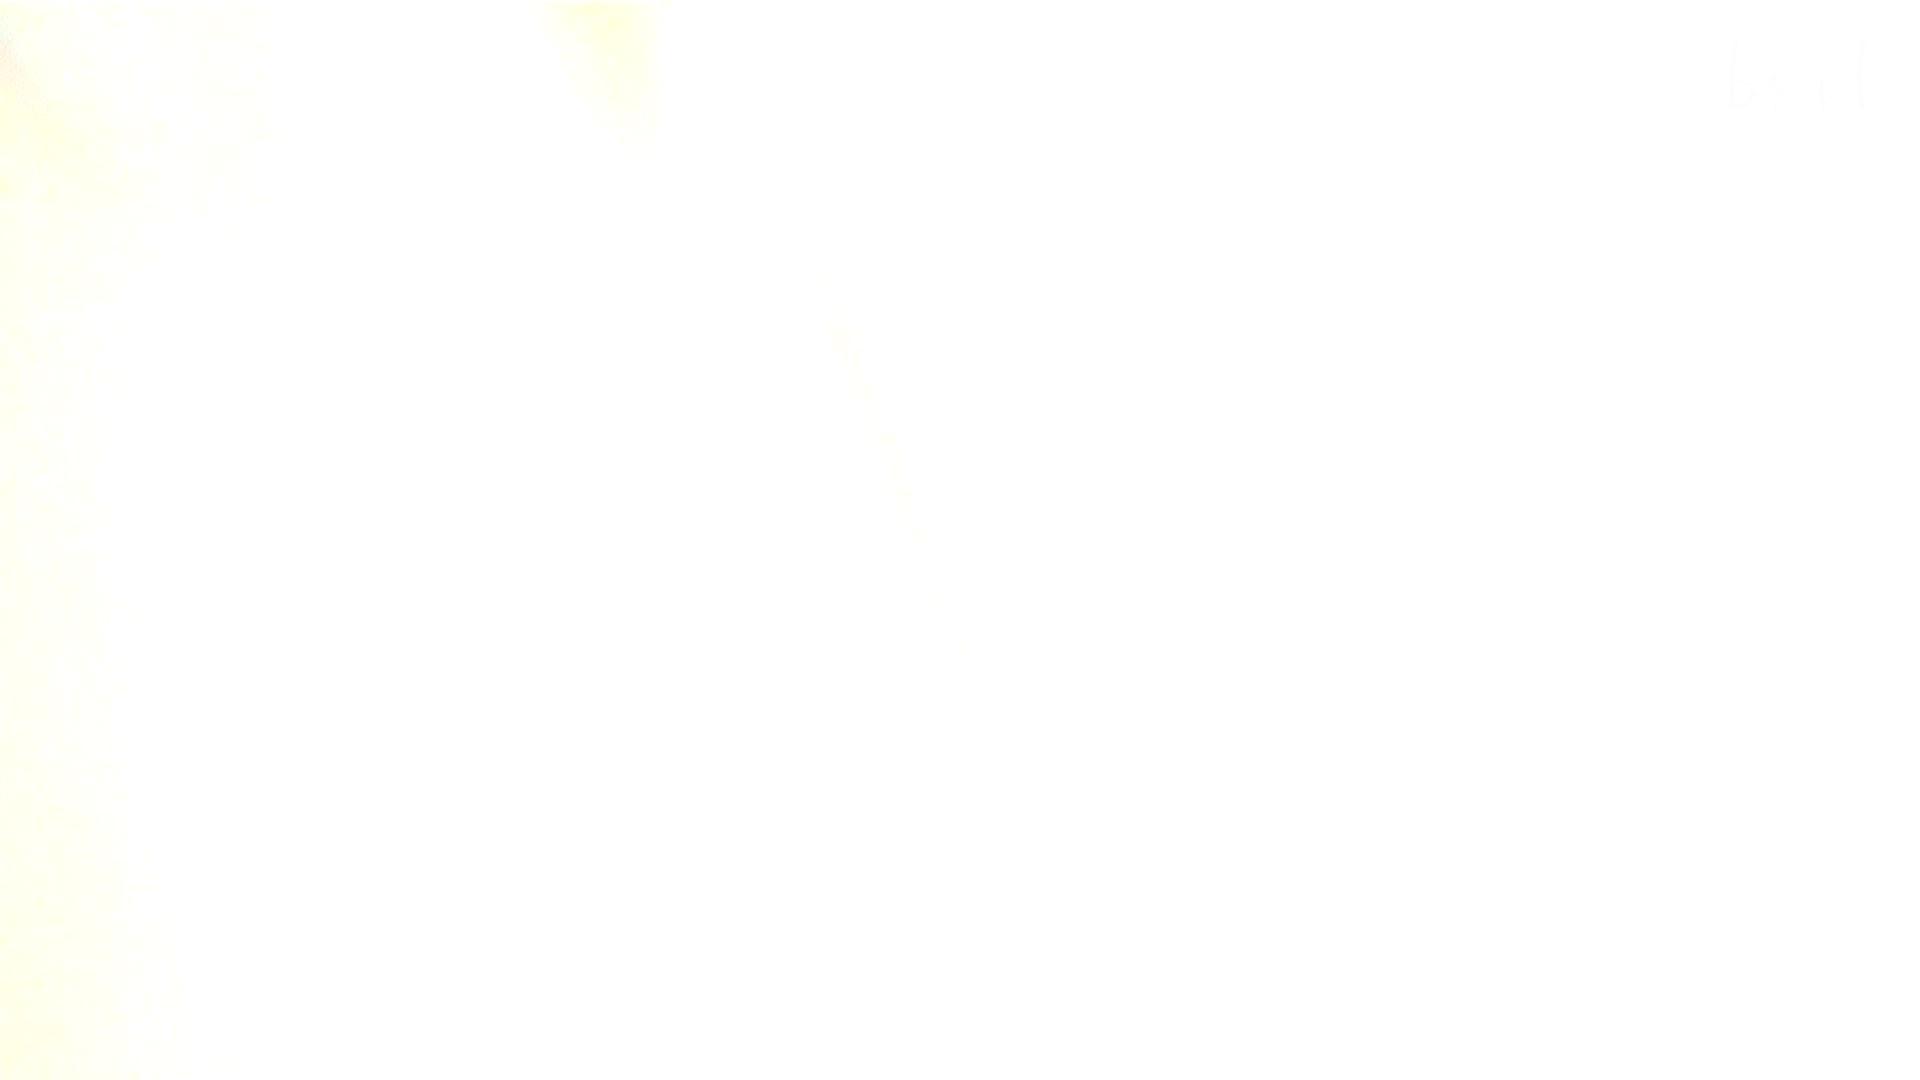 ナースのお小水 vol.001 ナースの実態 | OLの実態  86pic 11